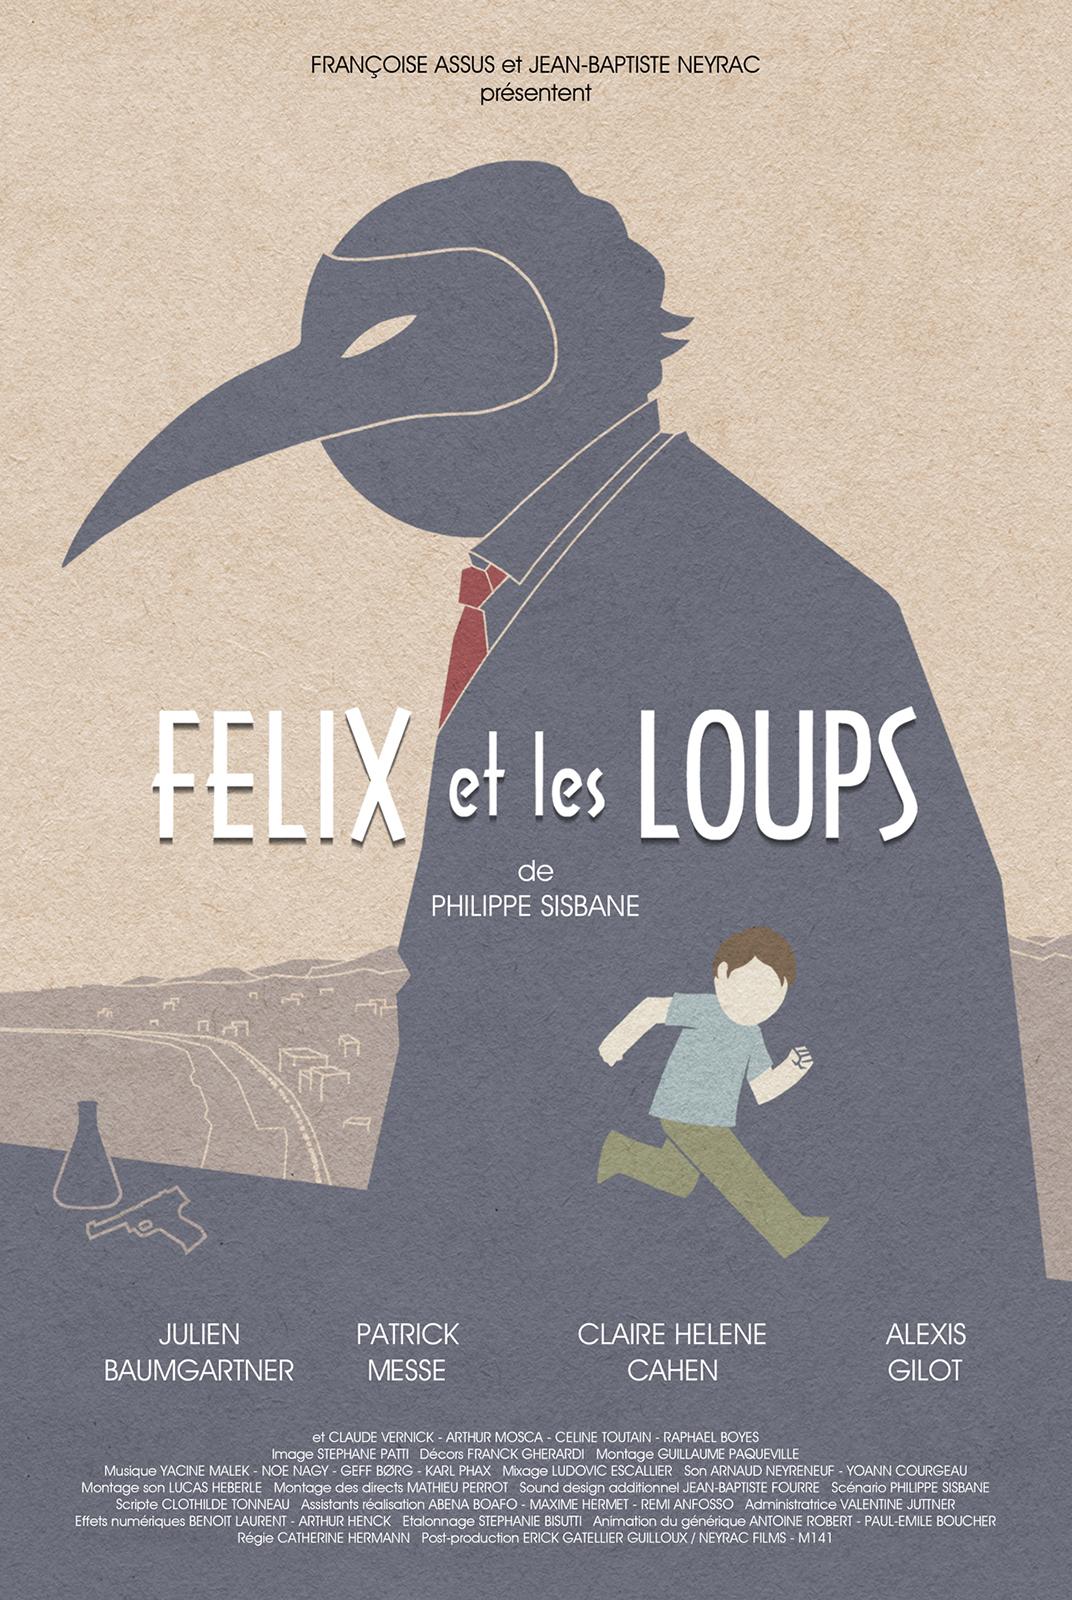 Félix et les Loups